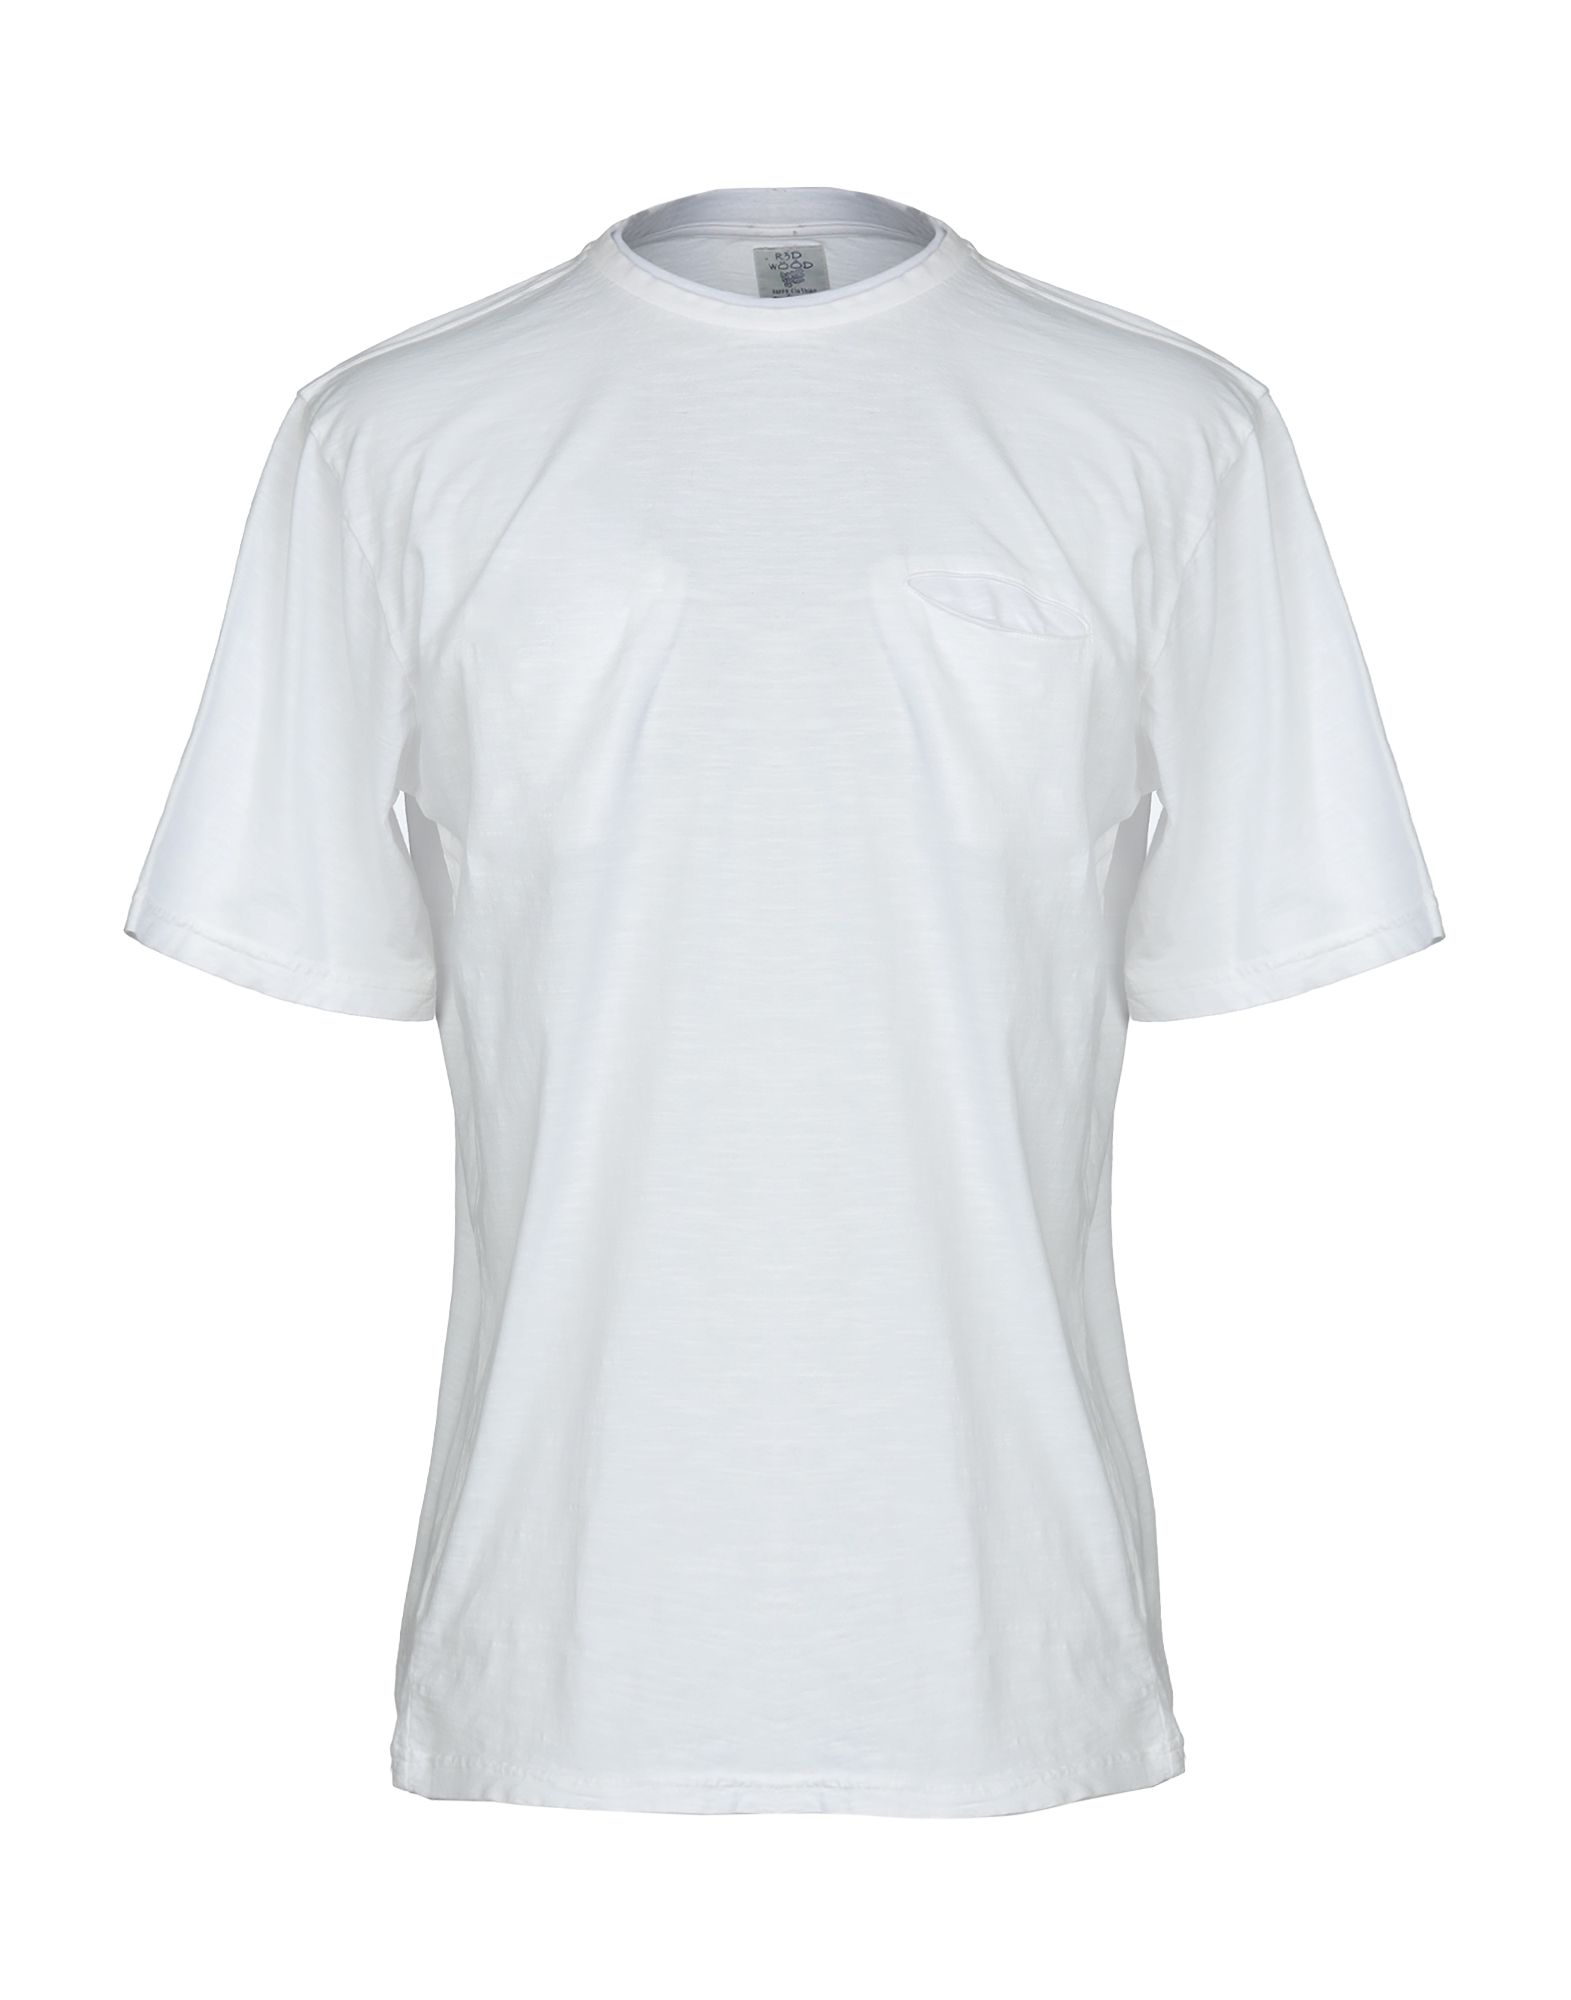 《送料無料》R3D W D メンズ T シャツ ホワイト S コットン 100%